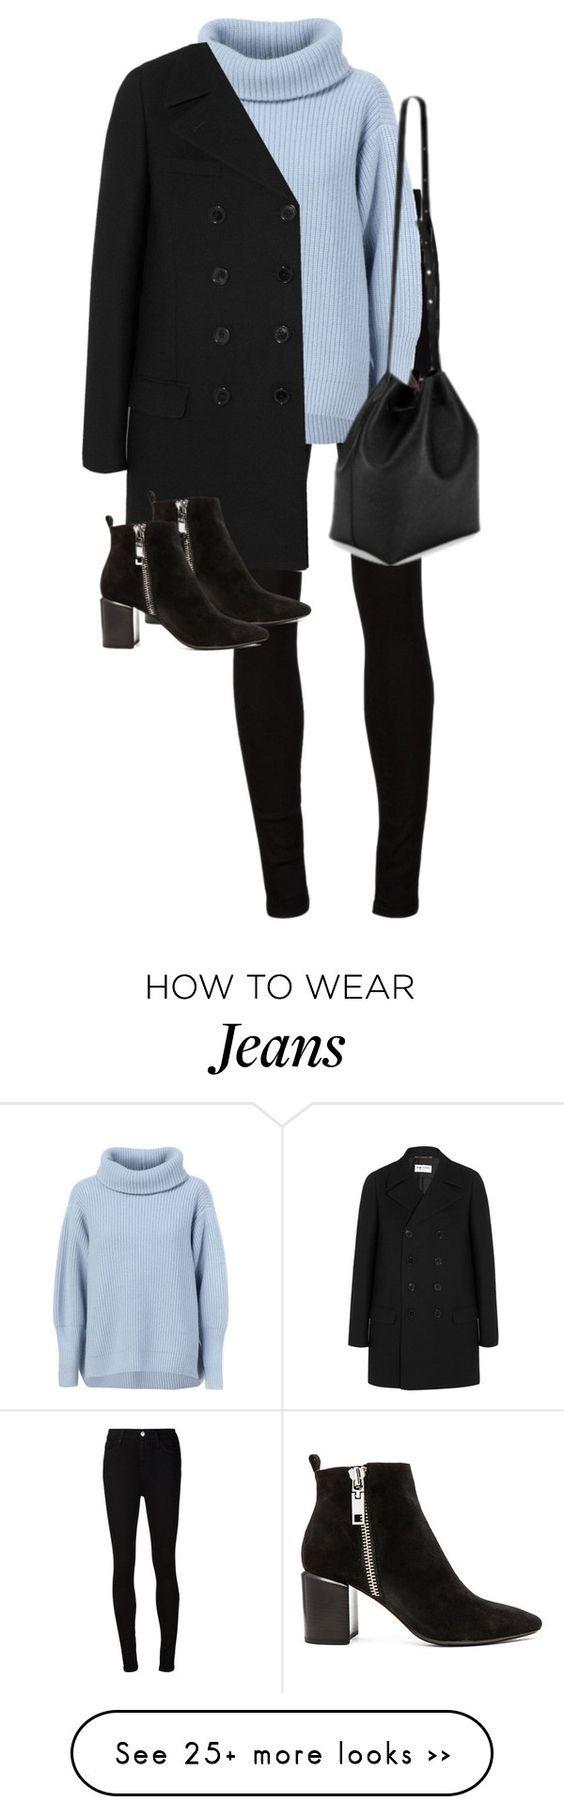 Outfit aus Schwarz und hellem Eisblau (Farbpassnummer 6 und 16) Kerstin Tomancok / Farb-, Typ-, Stil & Imageberatung